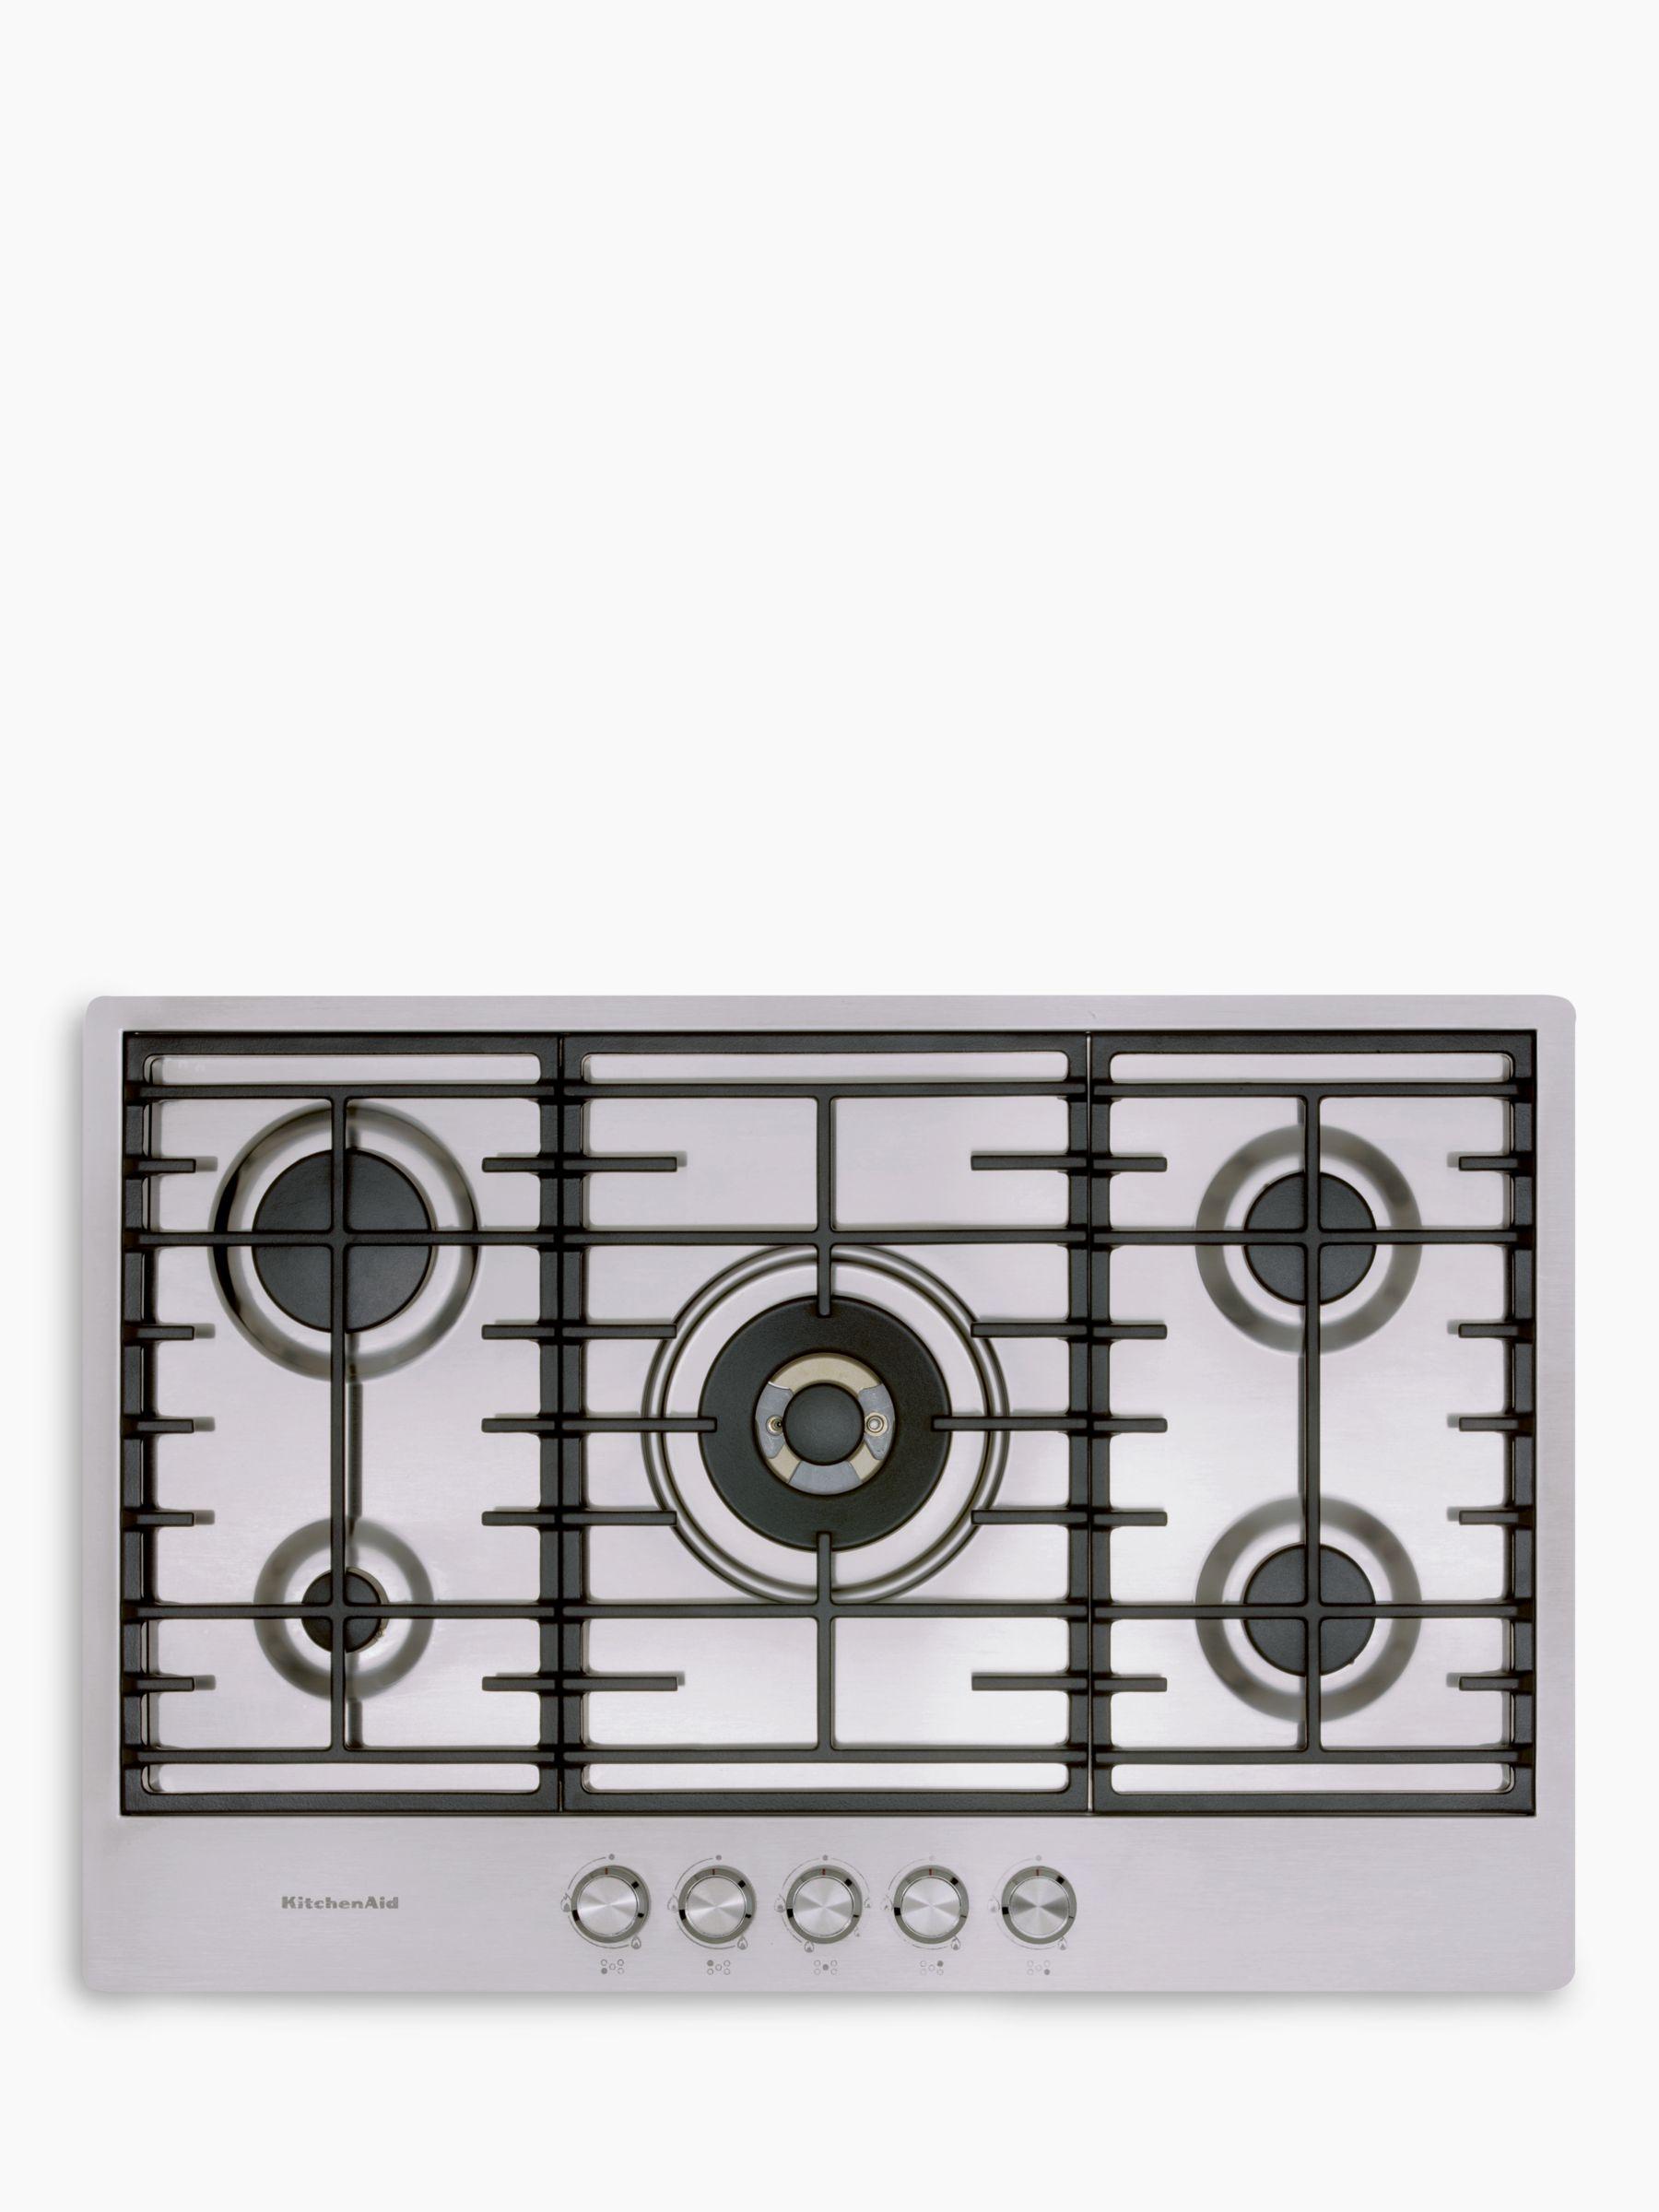 KitchenAid KitchenAid KHSP577510 Gas Hob